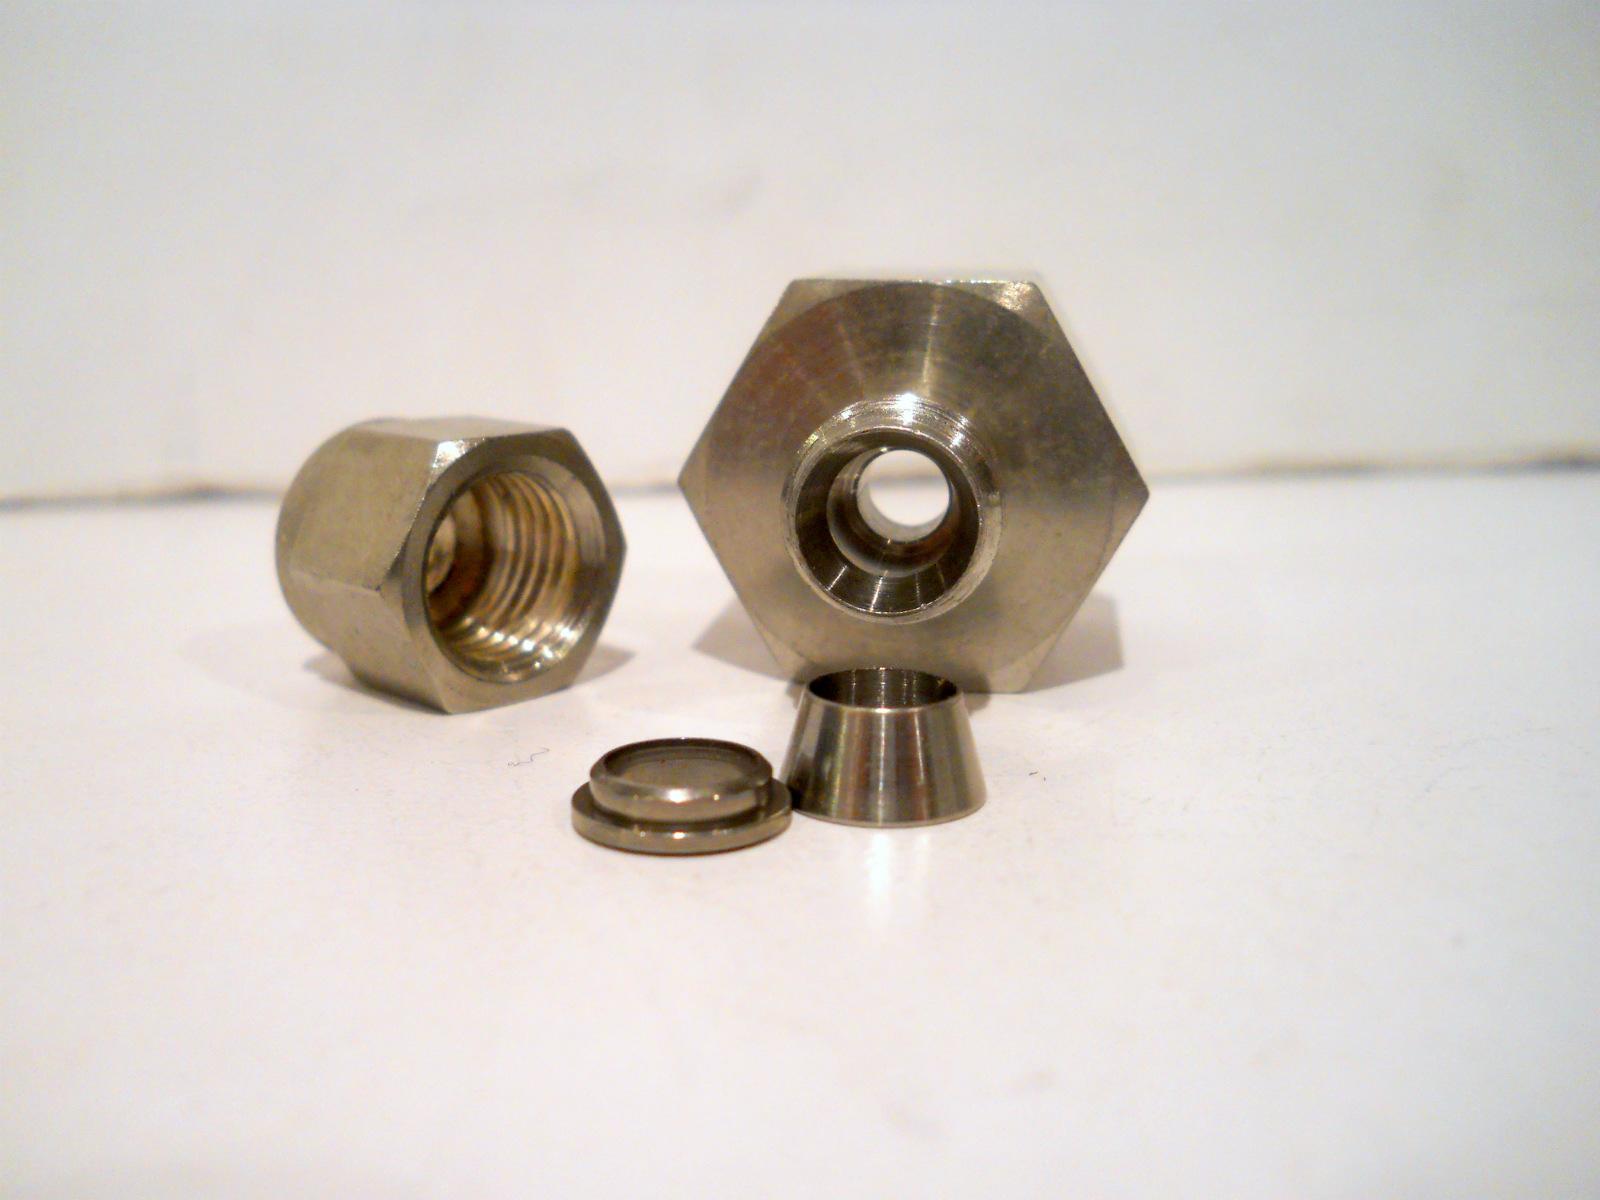 New swagelok stainless steel quot tube fnpt female